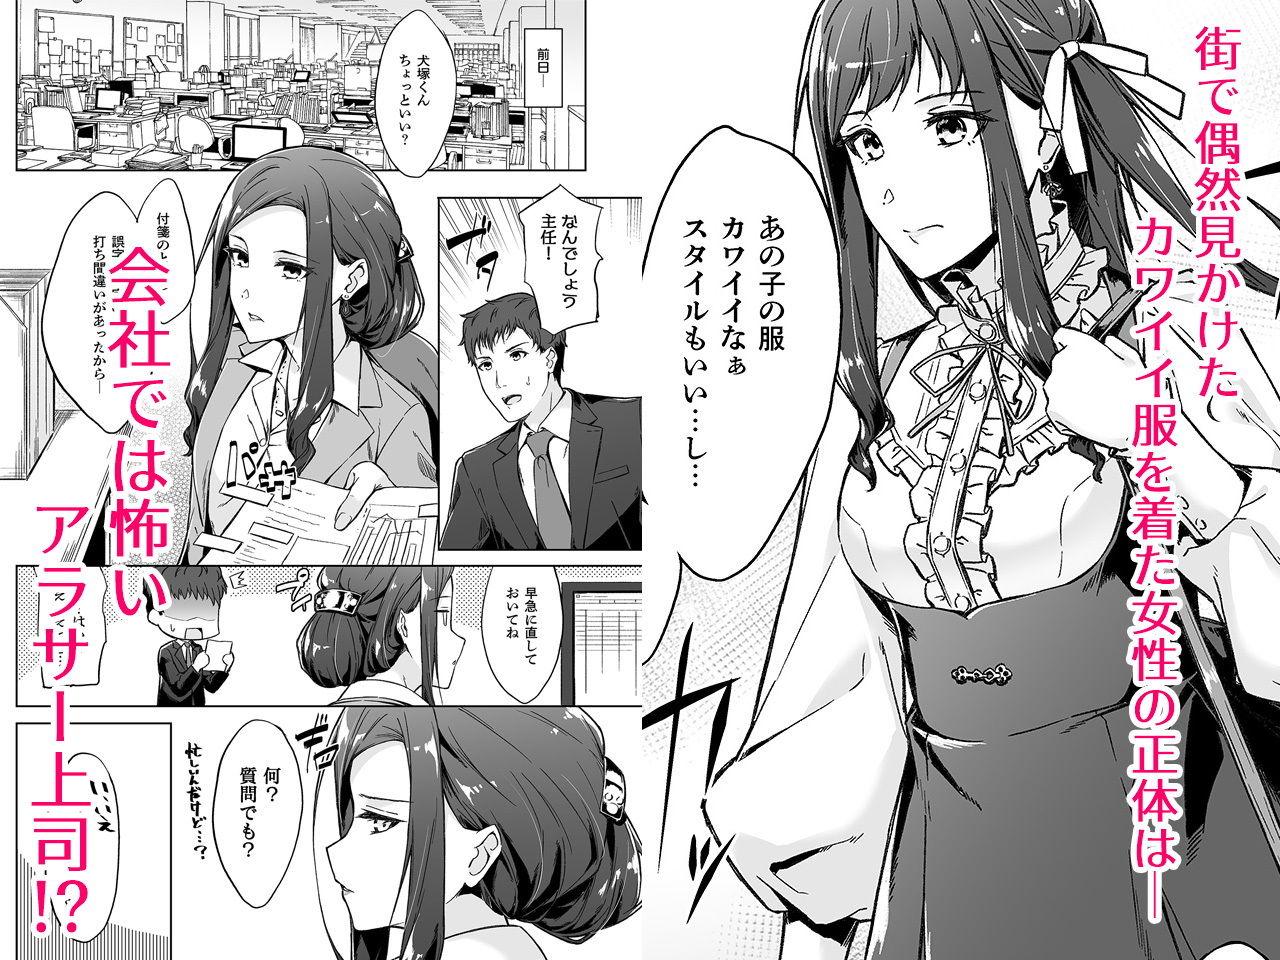 https://www.dmm.co.jp/dc/doujin/-/detail/=/cid=d_194410/